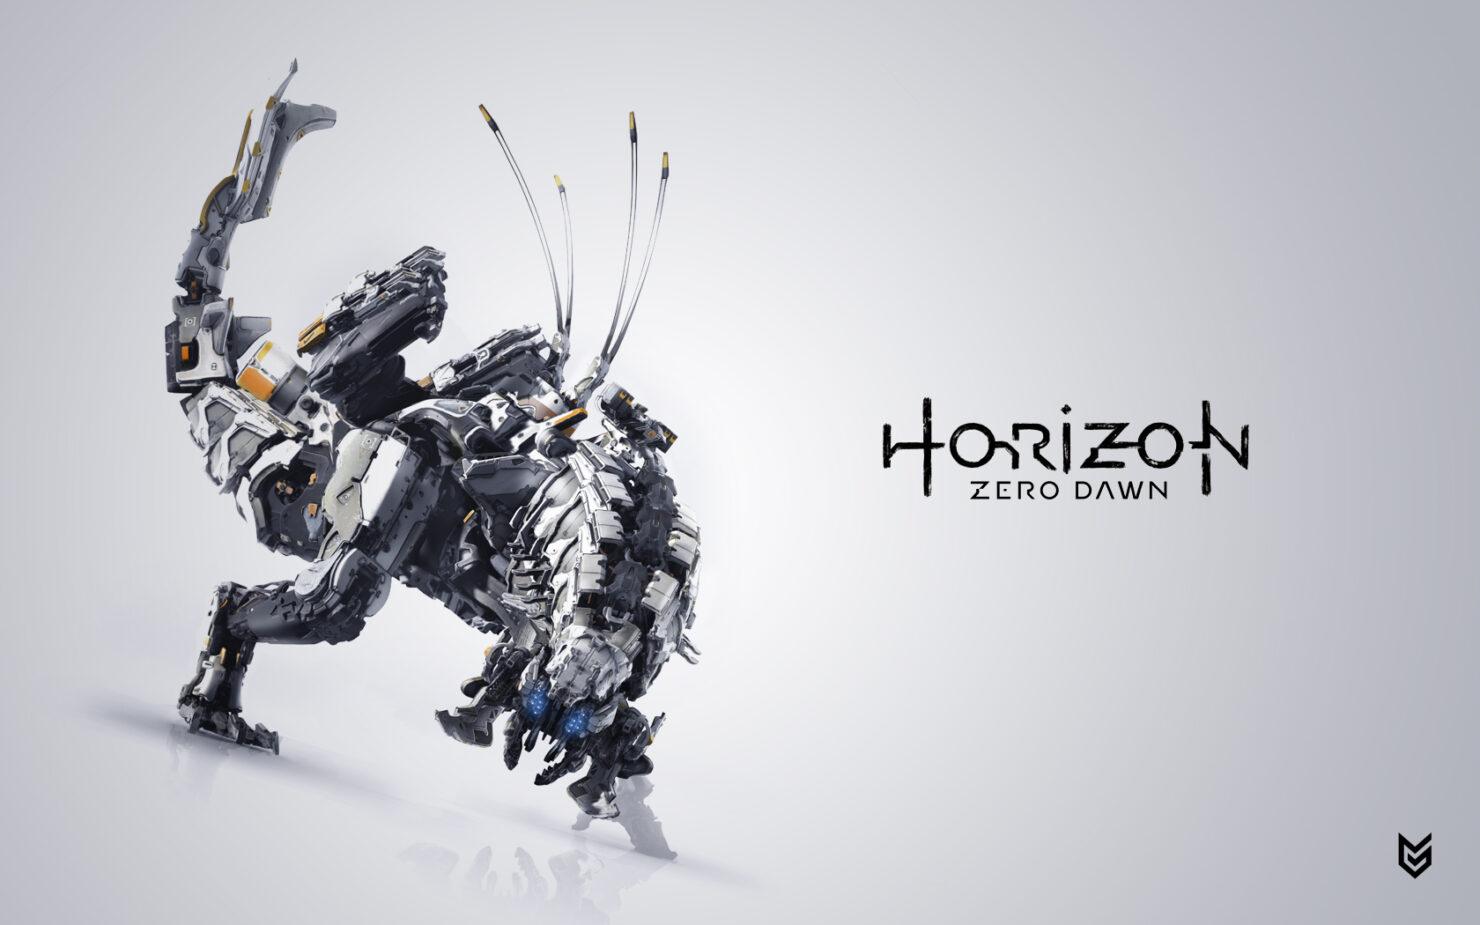 horizonzerodawn_03_1680x1050